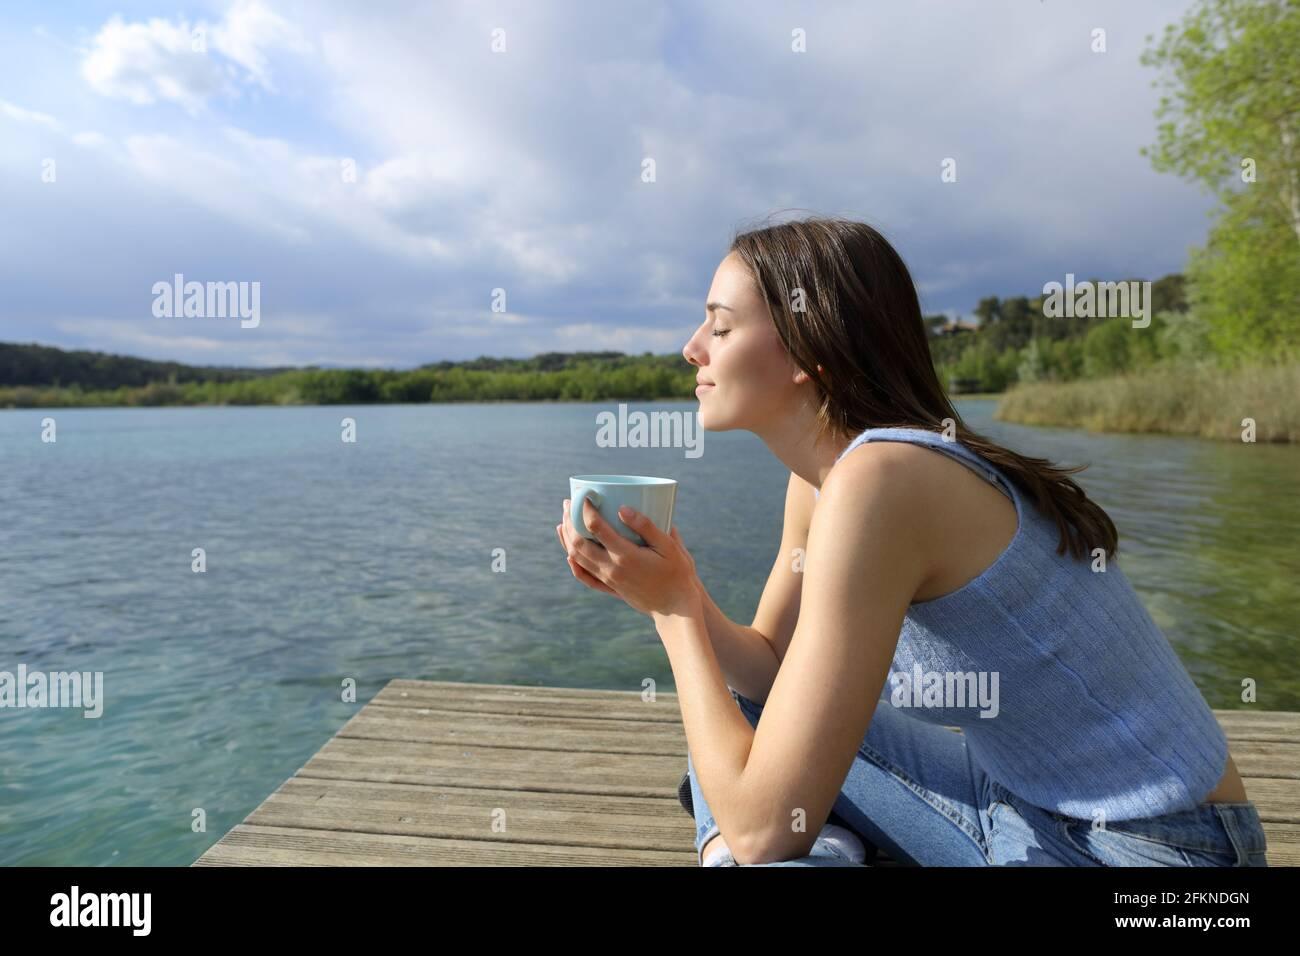 Profil d'une femme qui se détend en buvant du café dans un lac jetée Banque D'Images